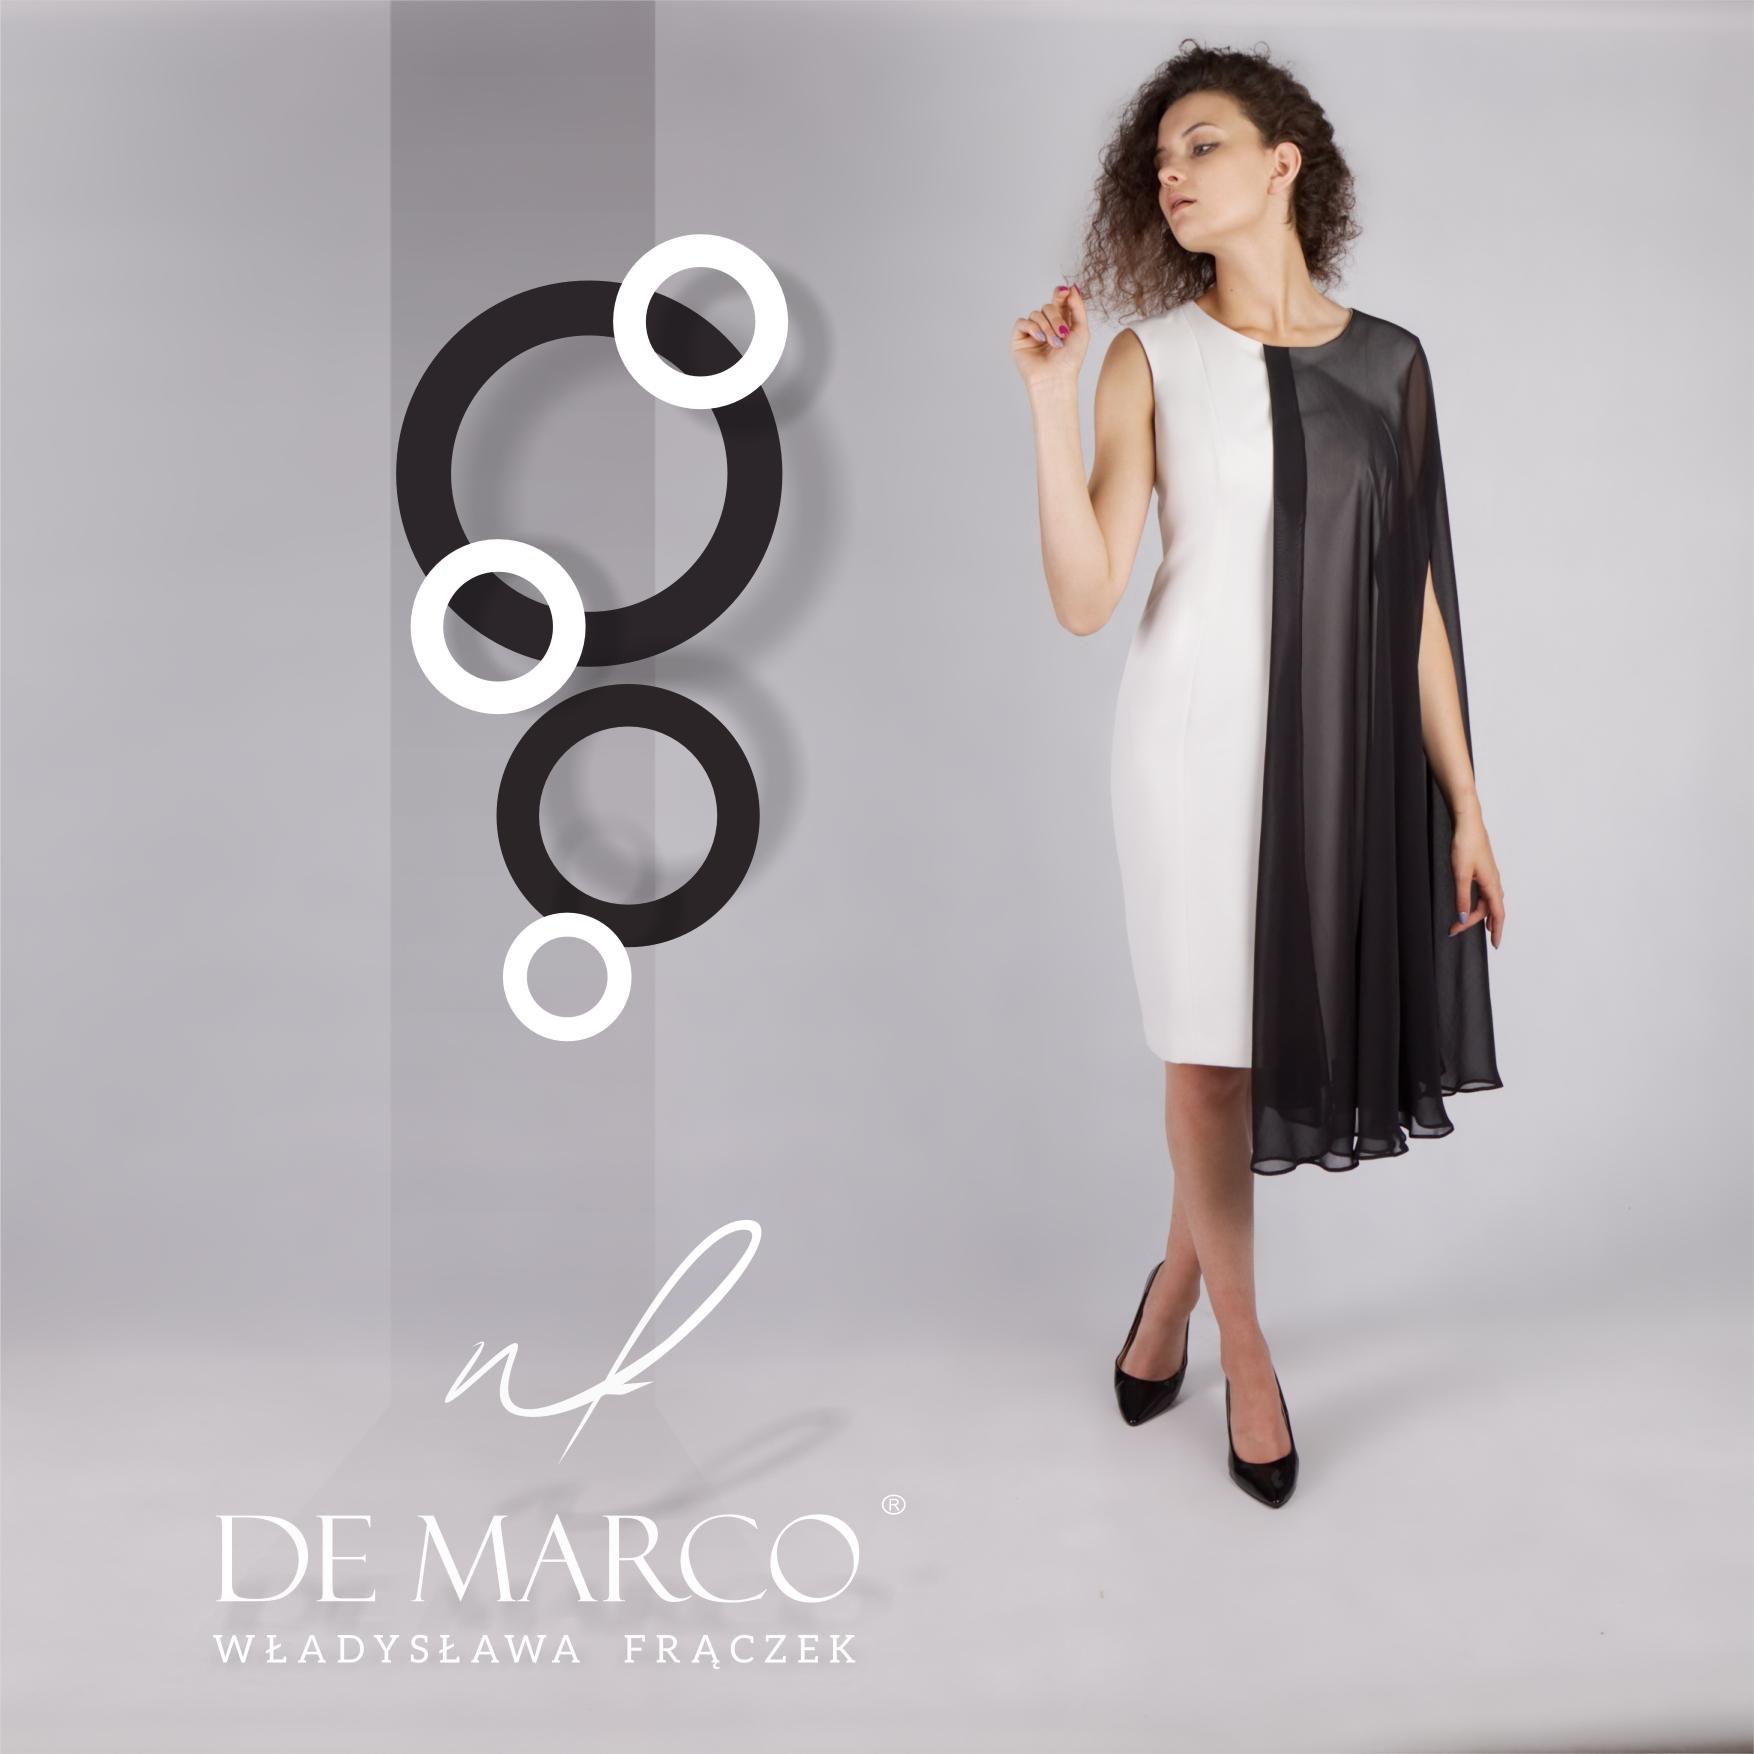 Czarno biała sukienka dla matki weselnej szyta na miarę. Sklep internetowy z ekskluzywnymi sukienkami na wesele.